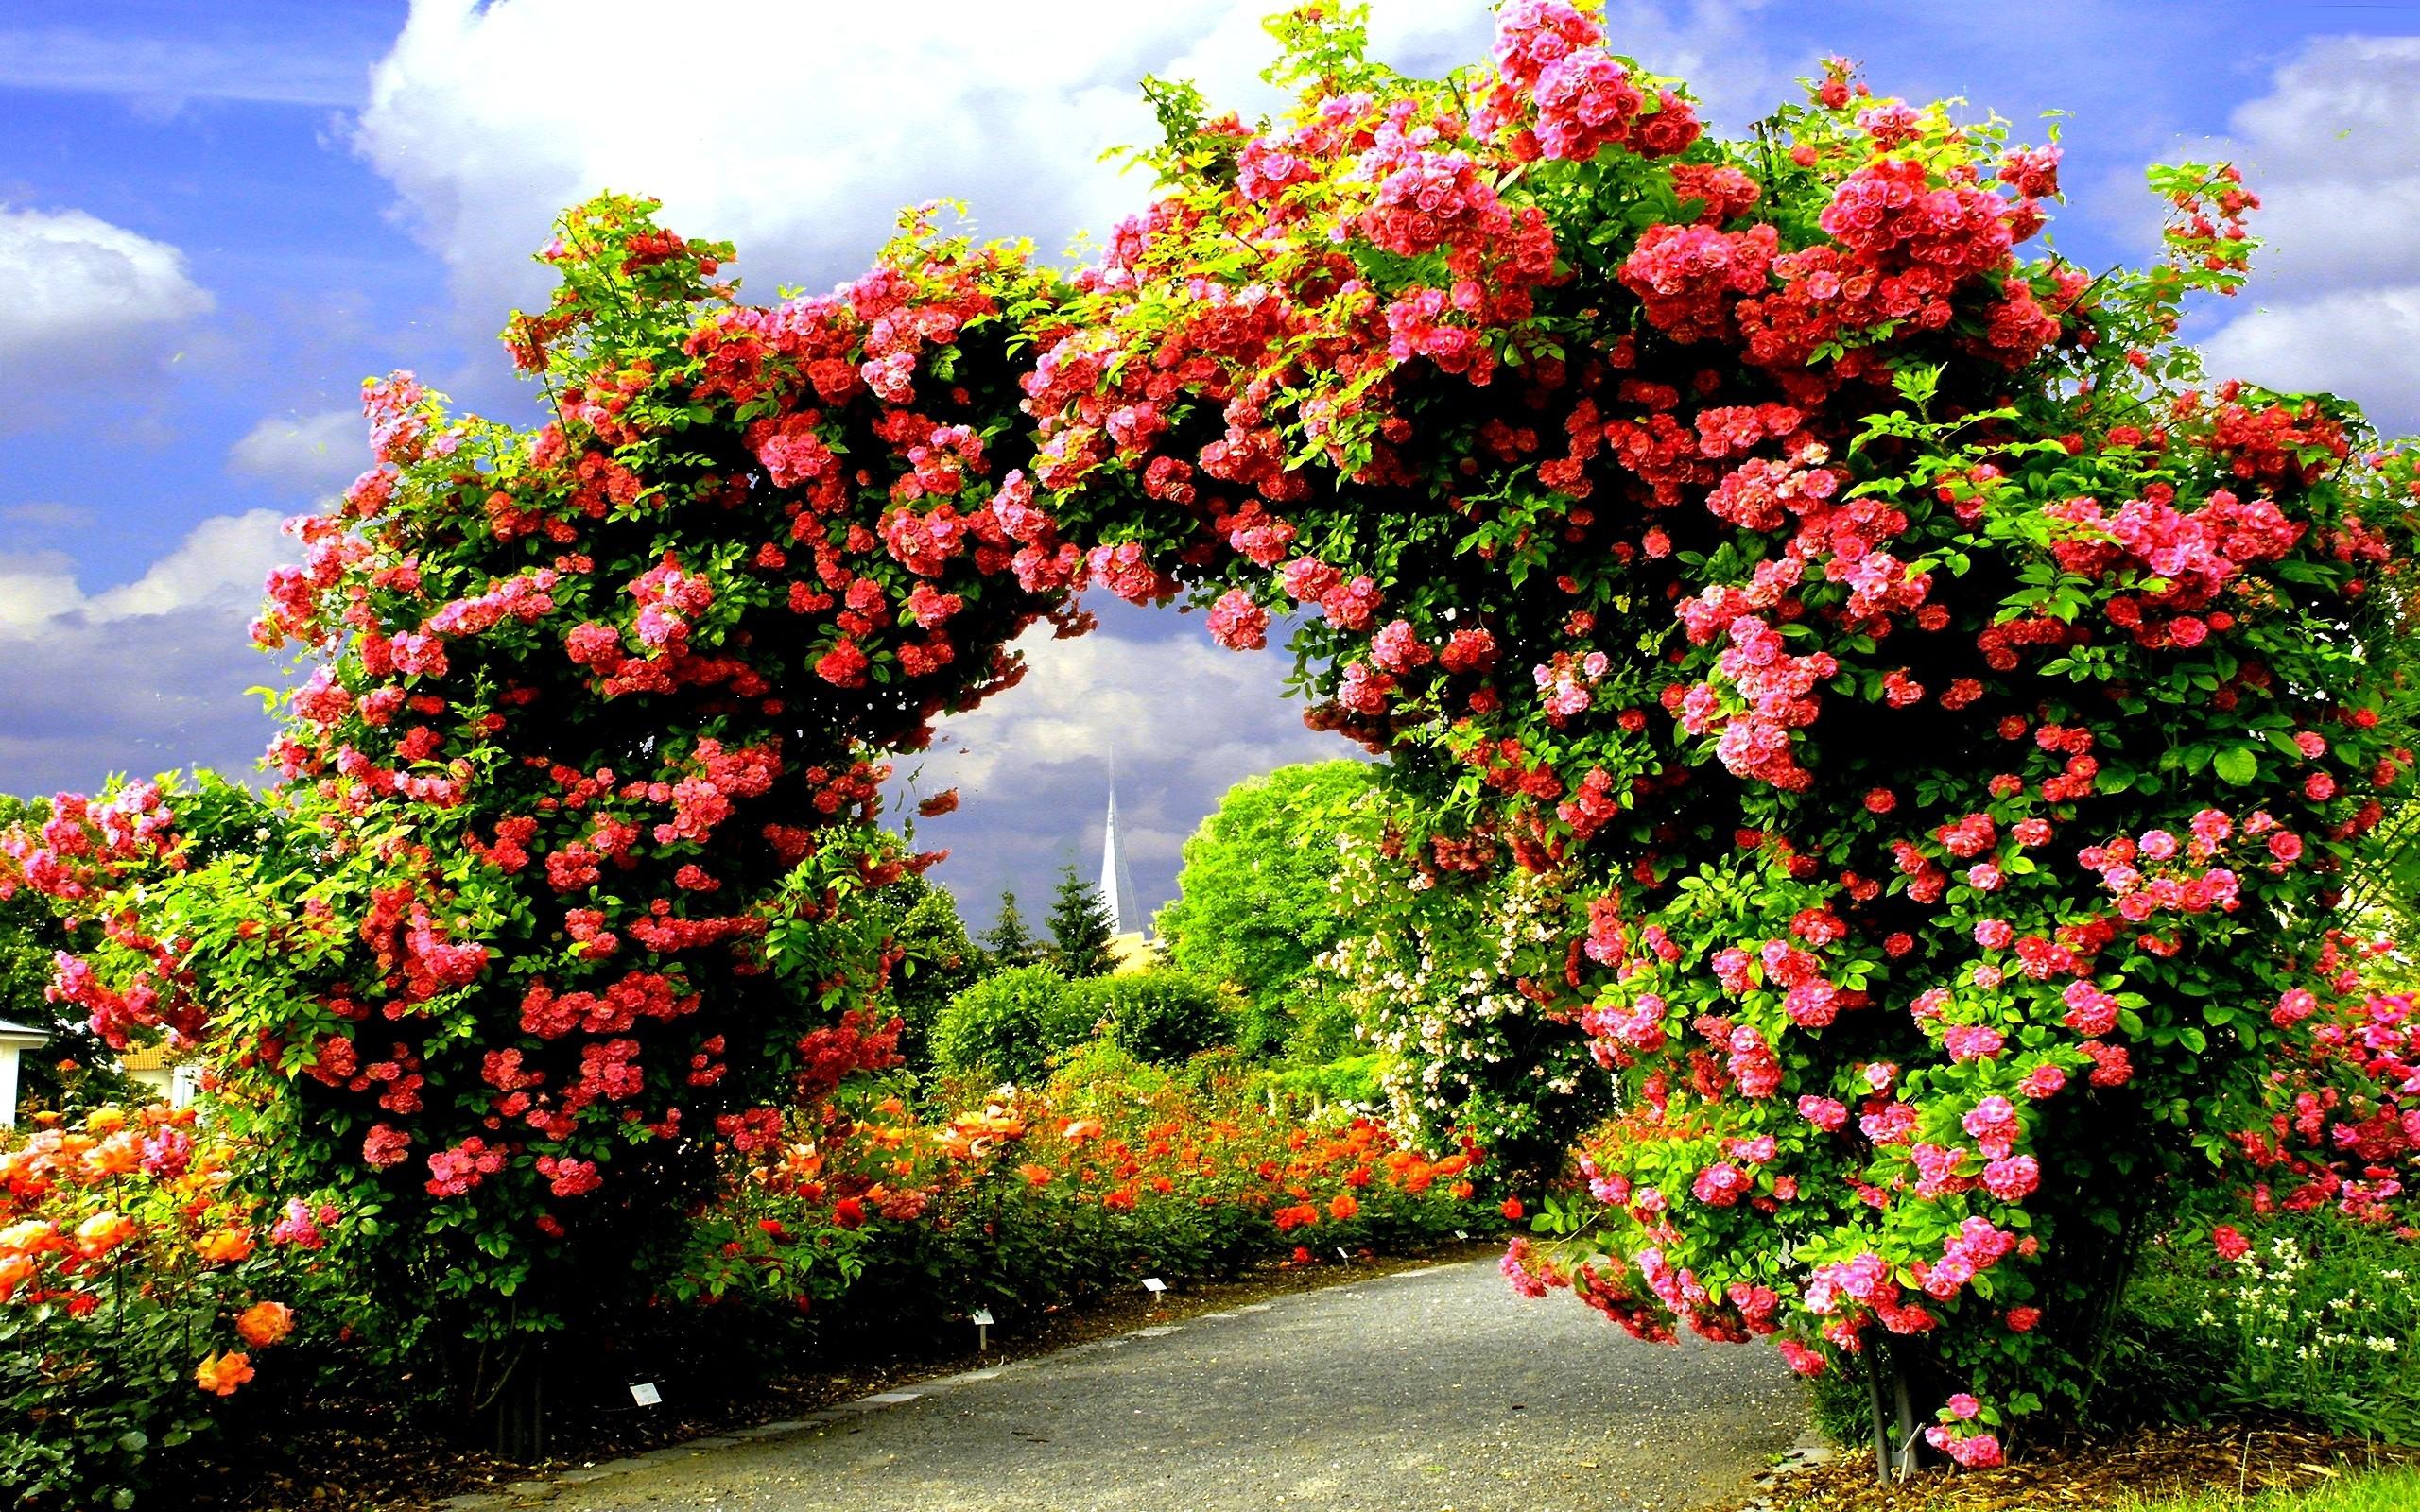 Secret Garden Flowers Rose Arch Bench Nature Desktop Flower Garden Wallpaper Hd 2560x1600 Download Hd Wallpaper Wallpapertip